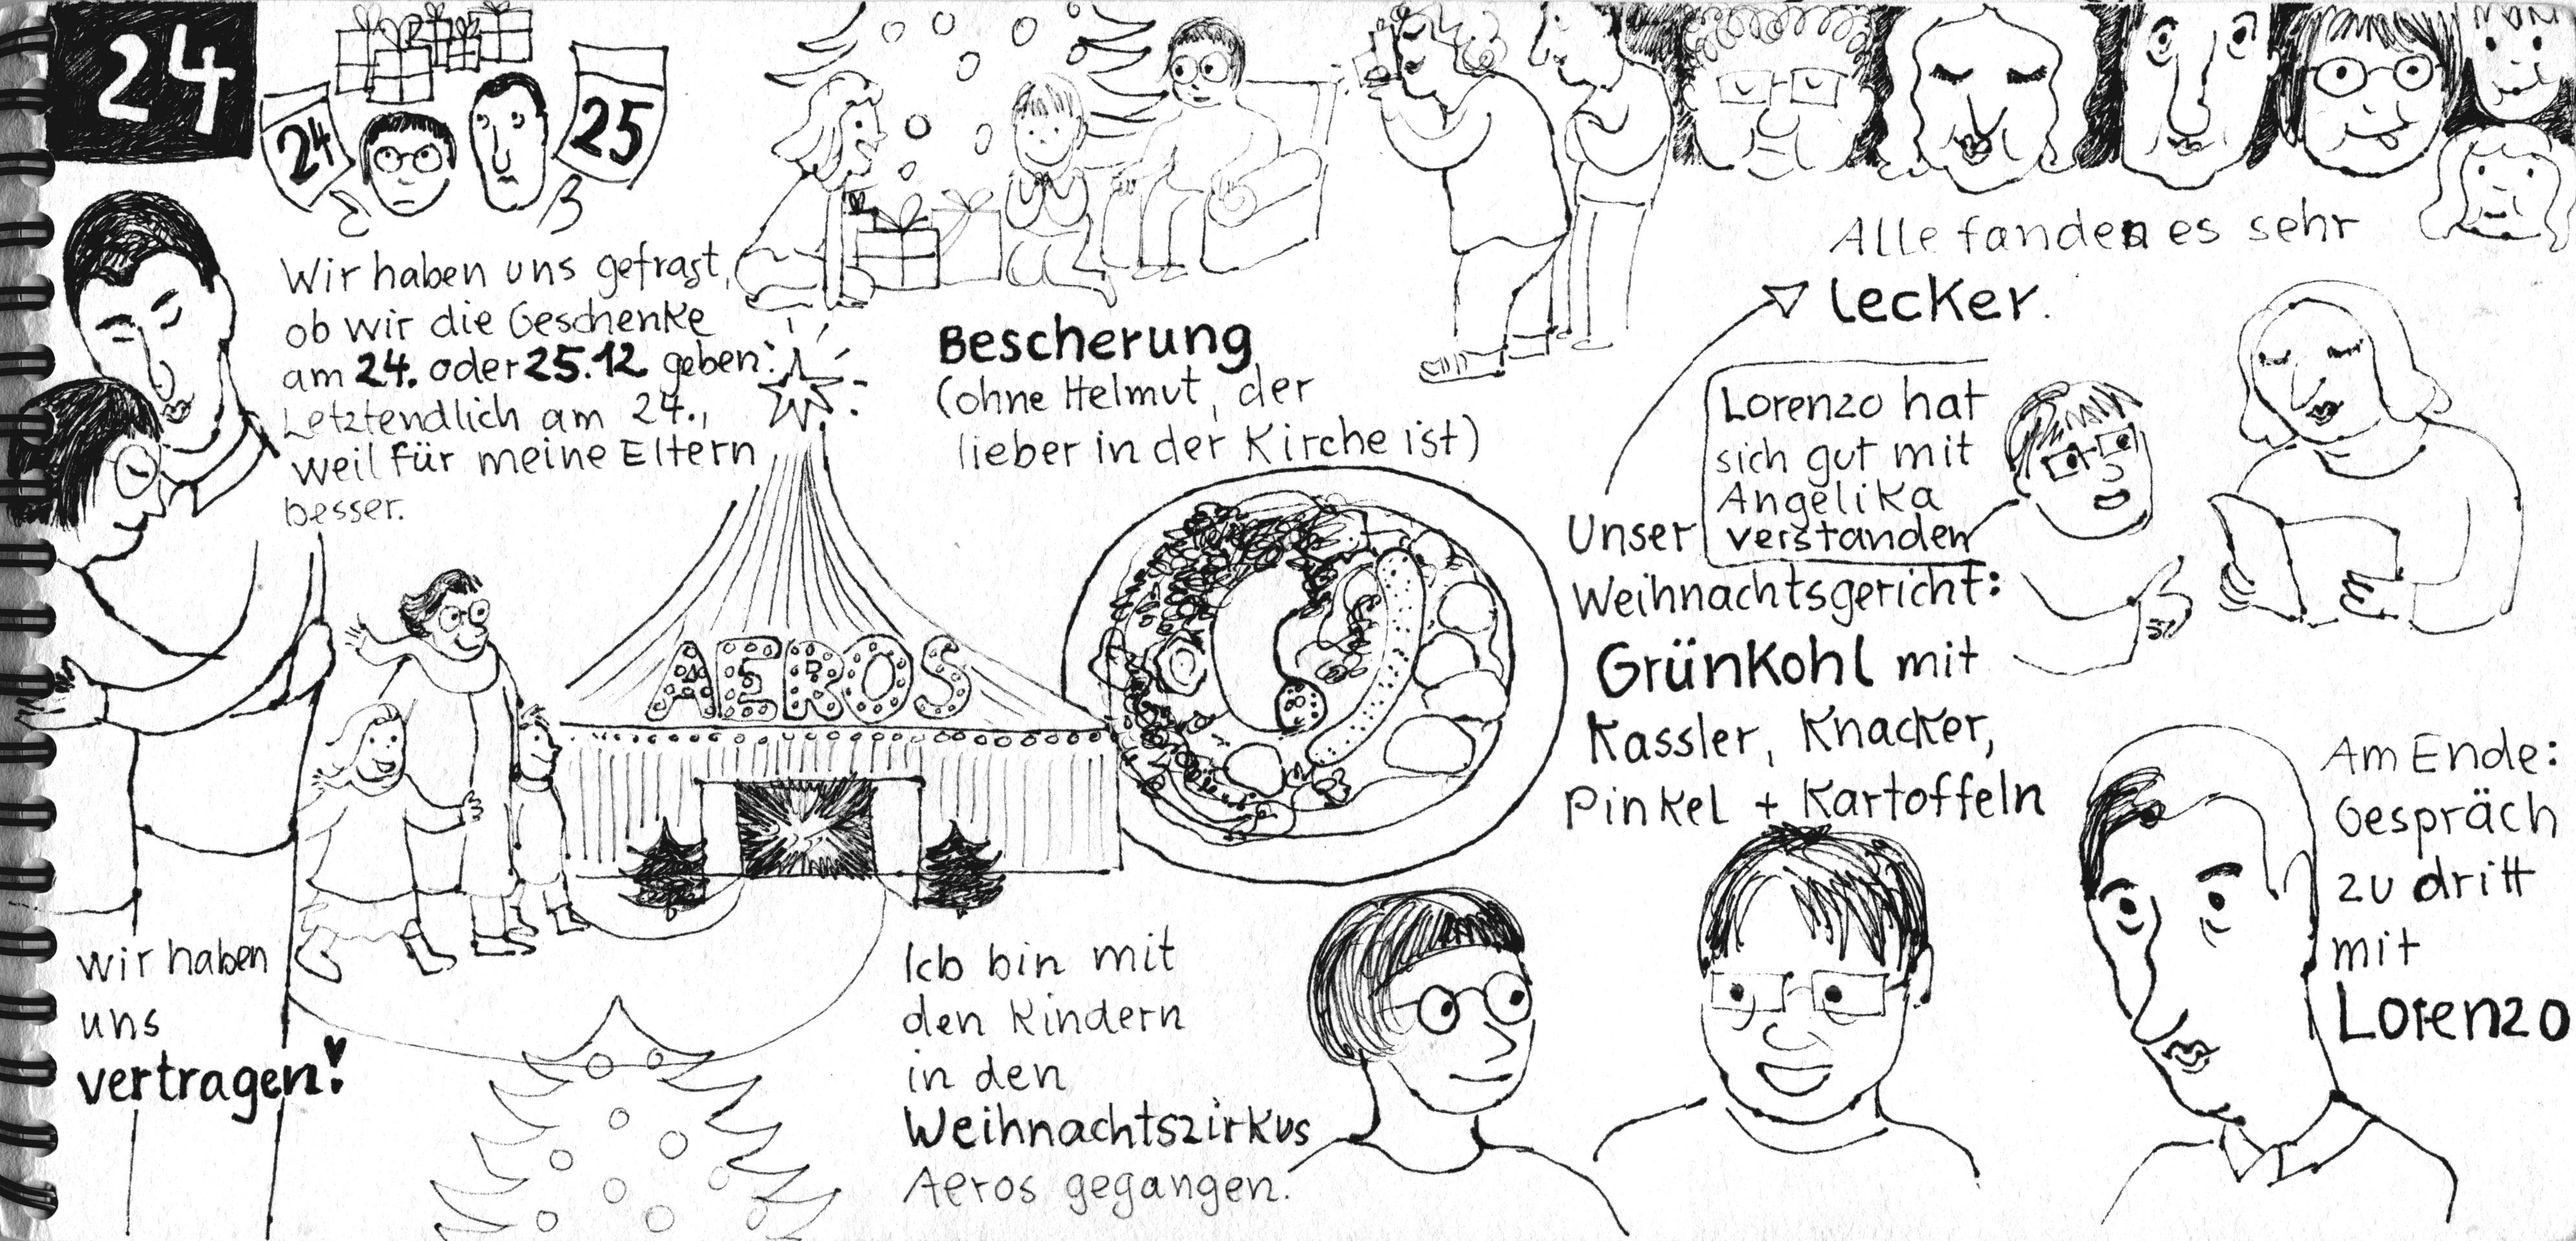 Seite aus Sketchnotes-Tagebuch. 24. Dezember. Relativ große Bilder (Zirkus, Weihnachtsbaum, Teller mit Grünkohl und Pinkel, meine Mutter) und Schrift in grooß- und Kleinbuchstaben. Anordnung wirkt zufällig.